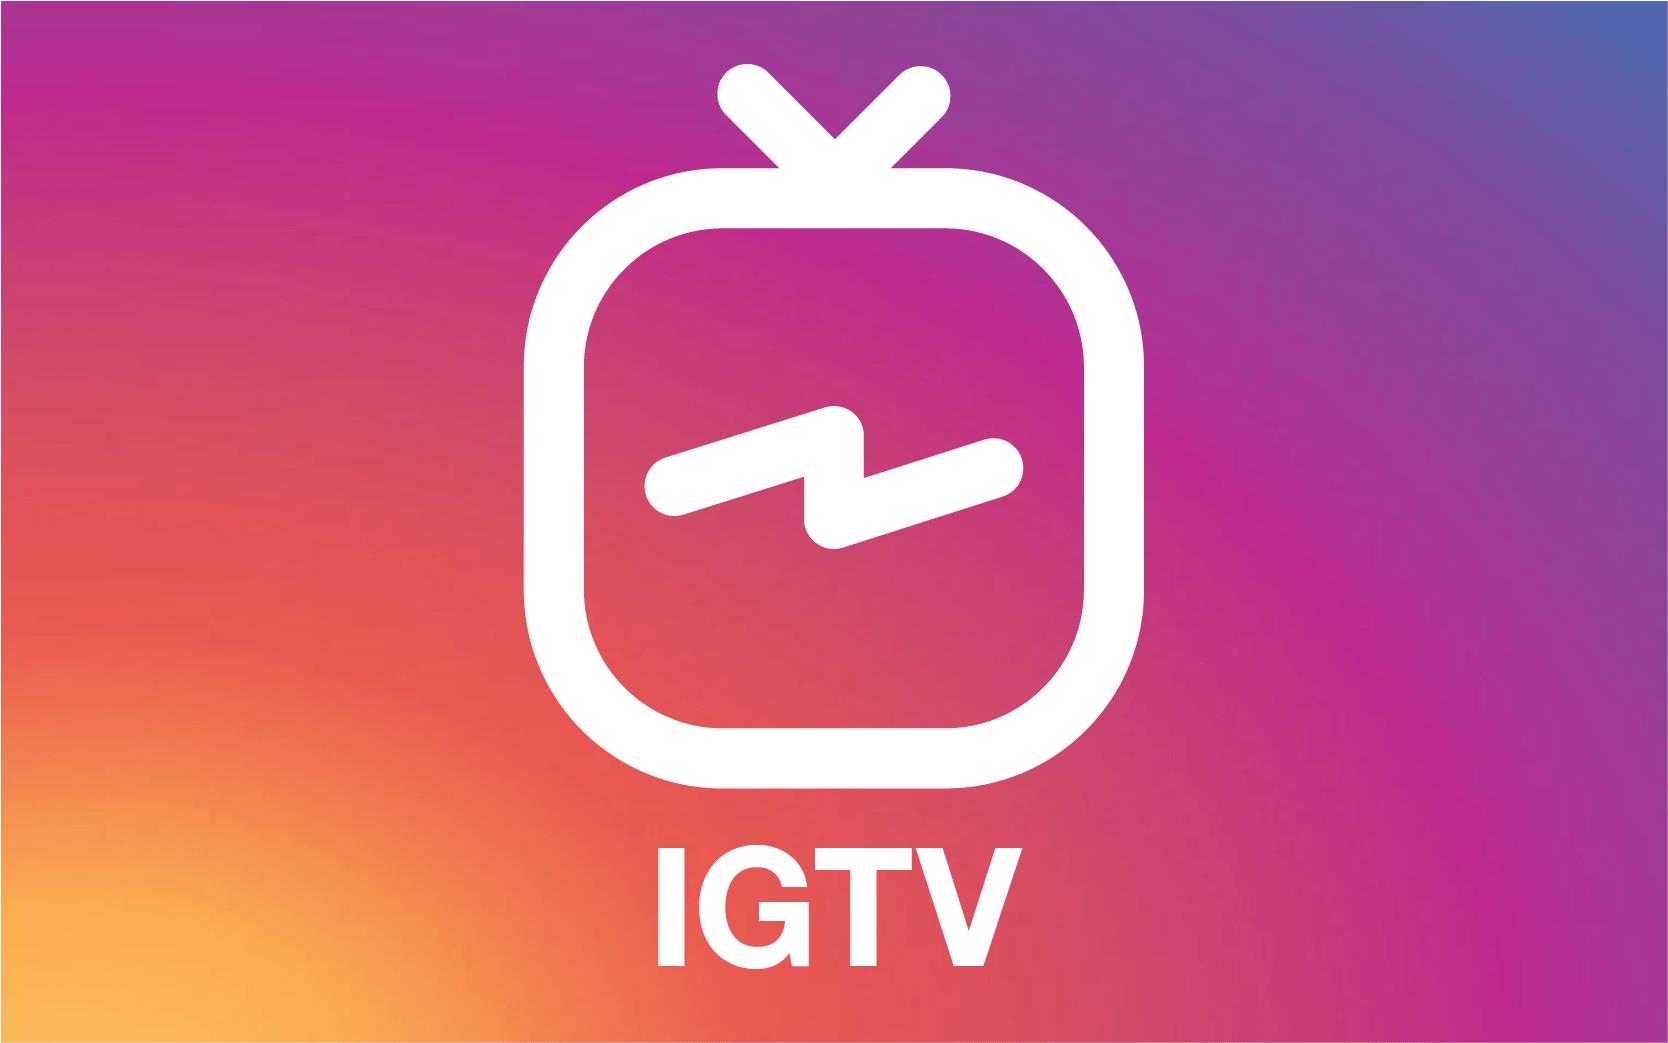 تغییرات جدید در اینستاگرام/ ویدیوهای IGTV حذف می شوند